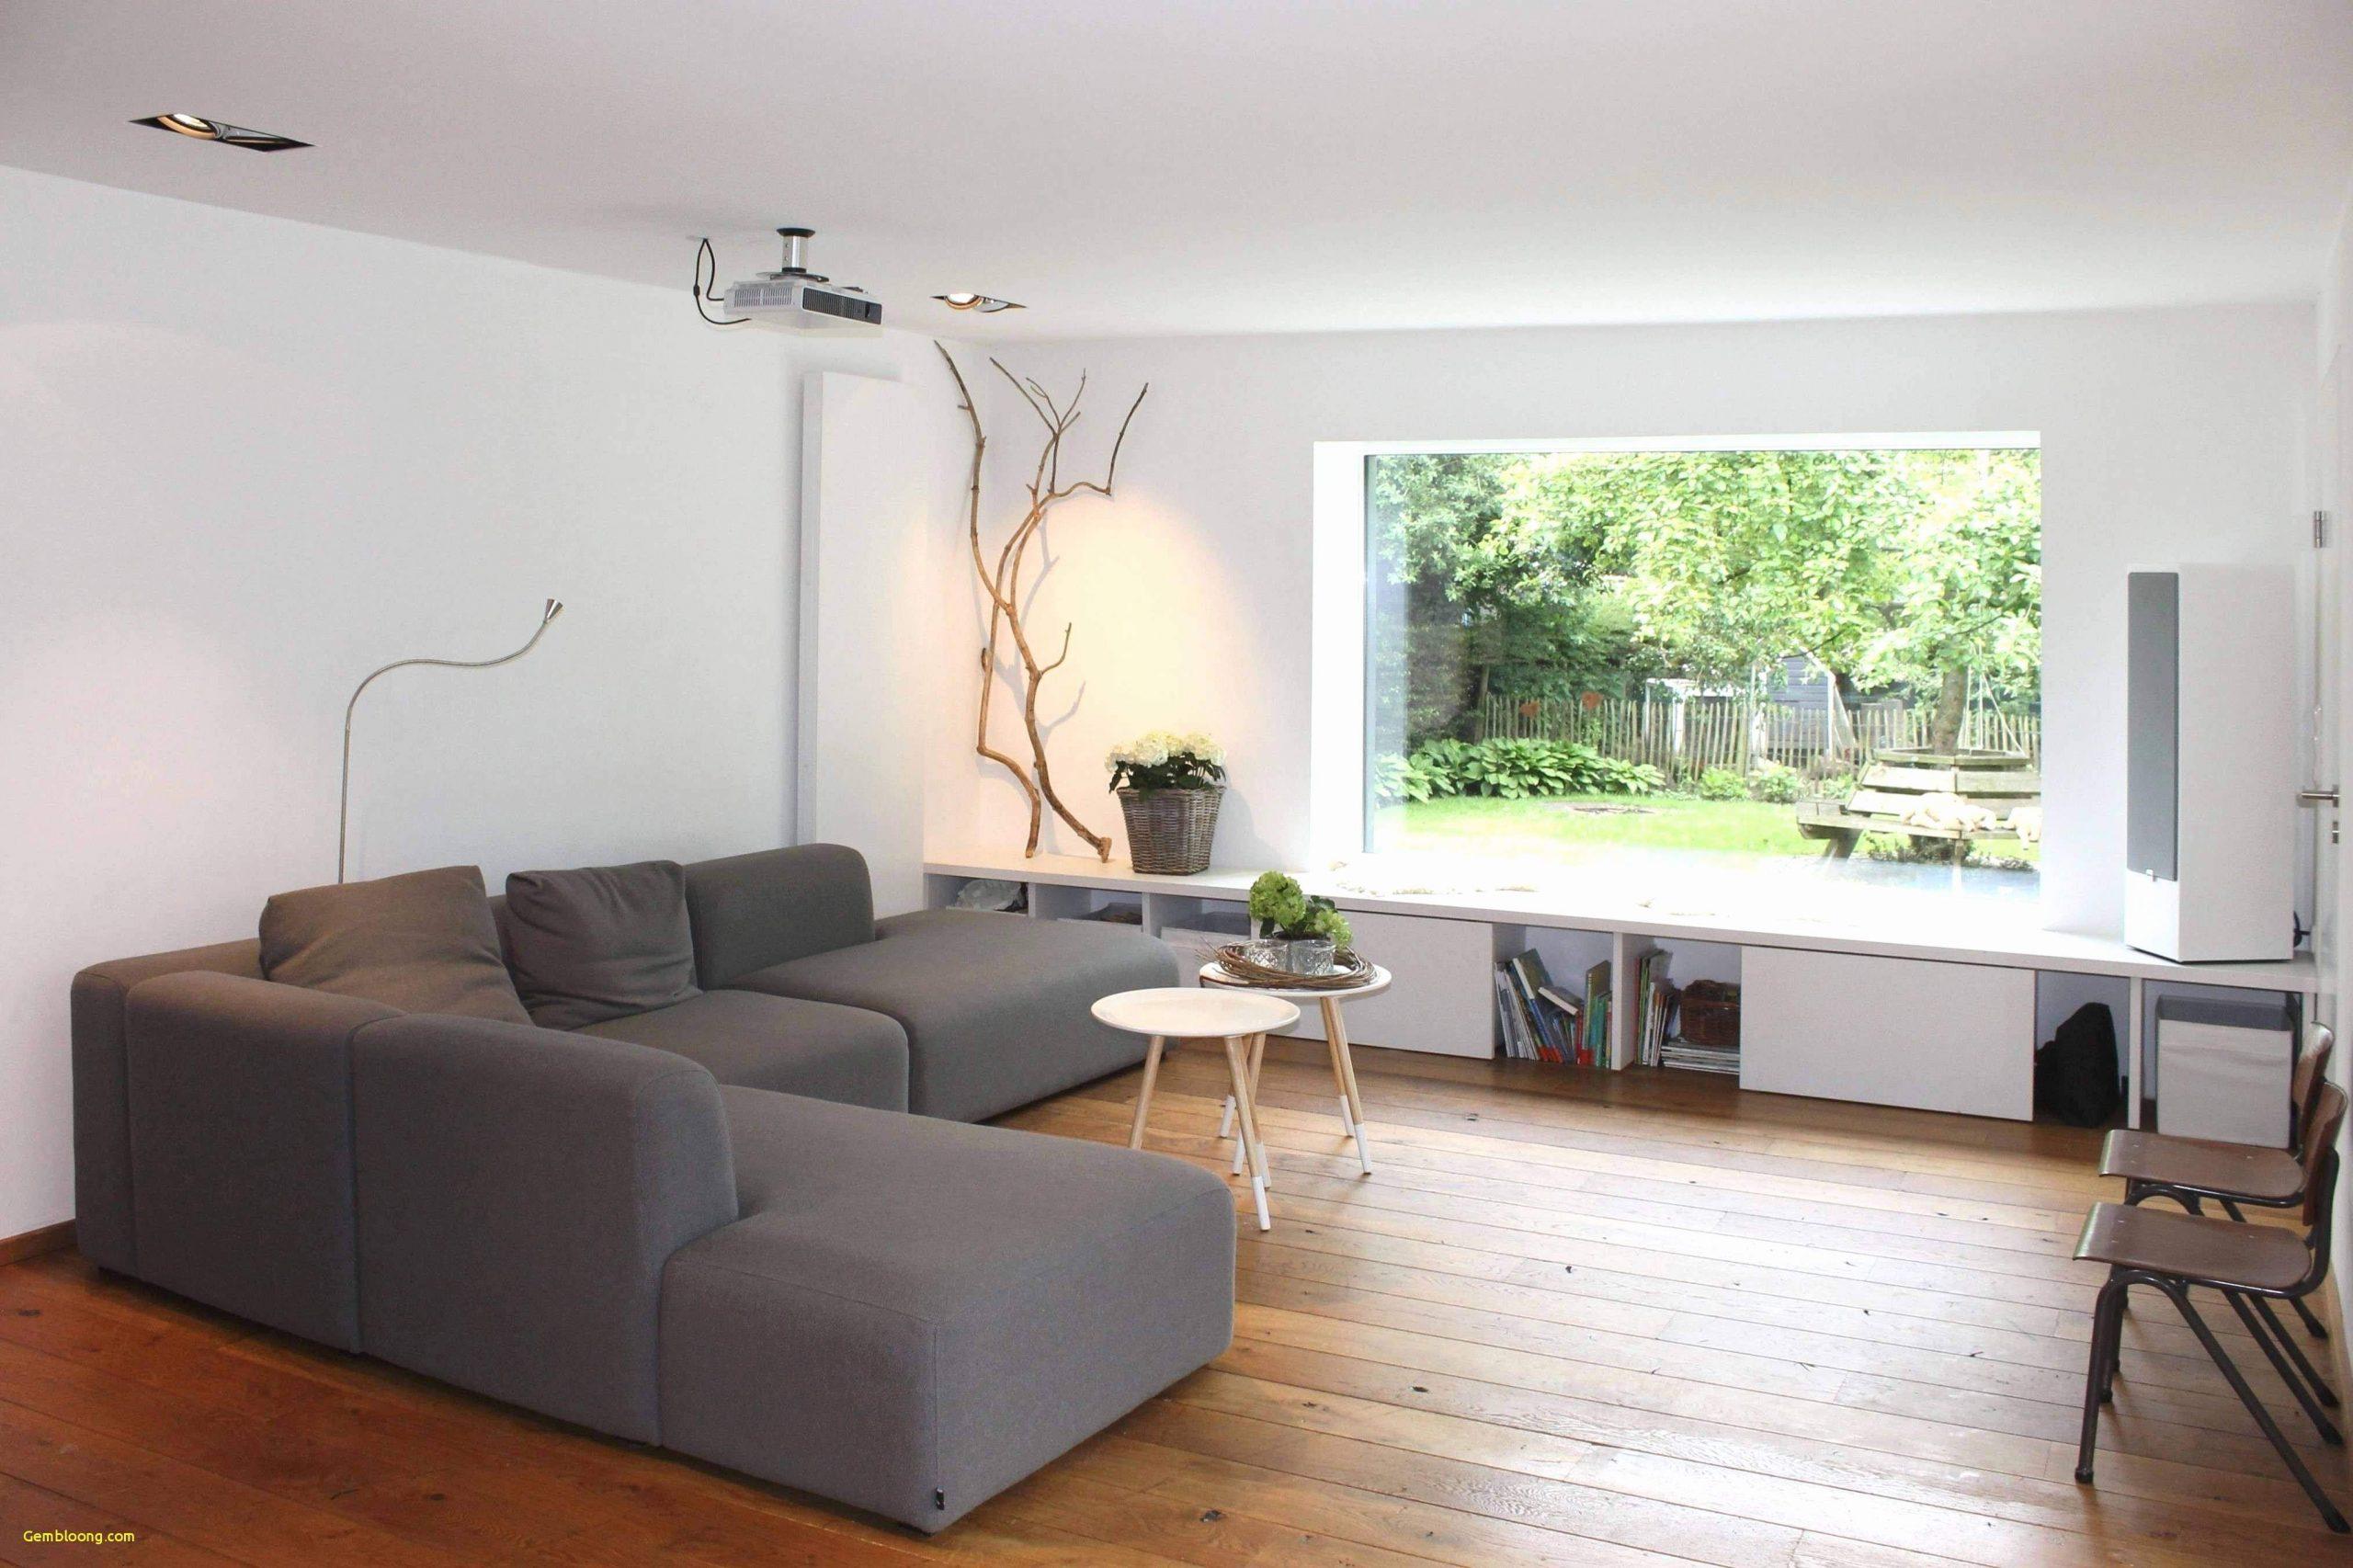 Full Size of Liege Wohnzimmer Schön New Wohnzimmer Ideen Reihenhaus Ideas Wohnzimmer Liege Wohnzimmer